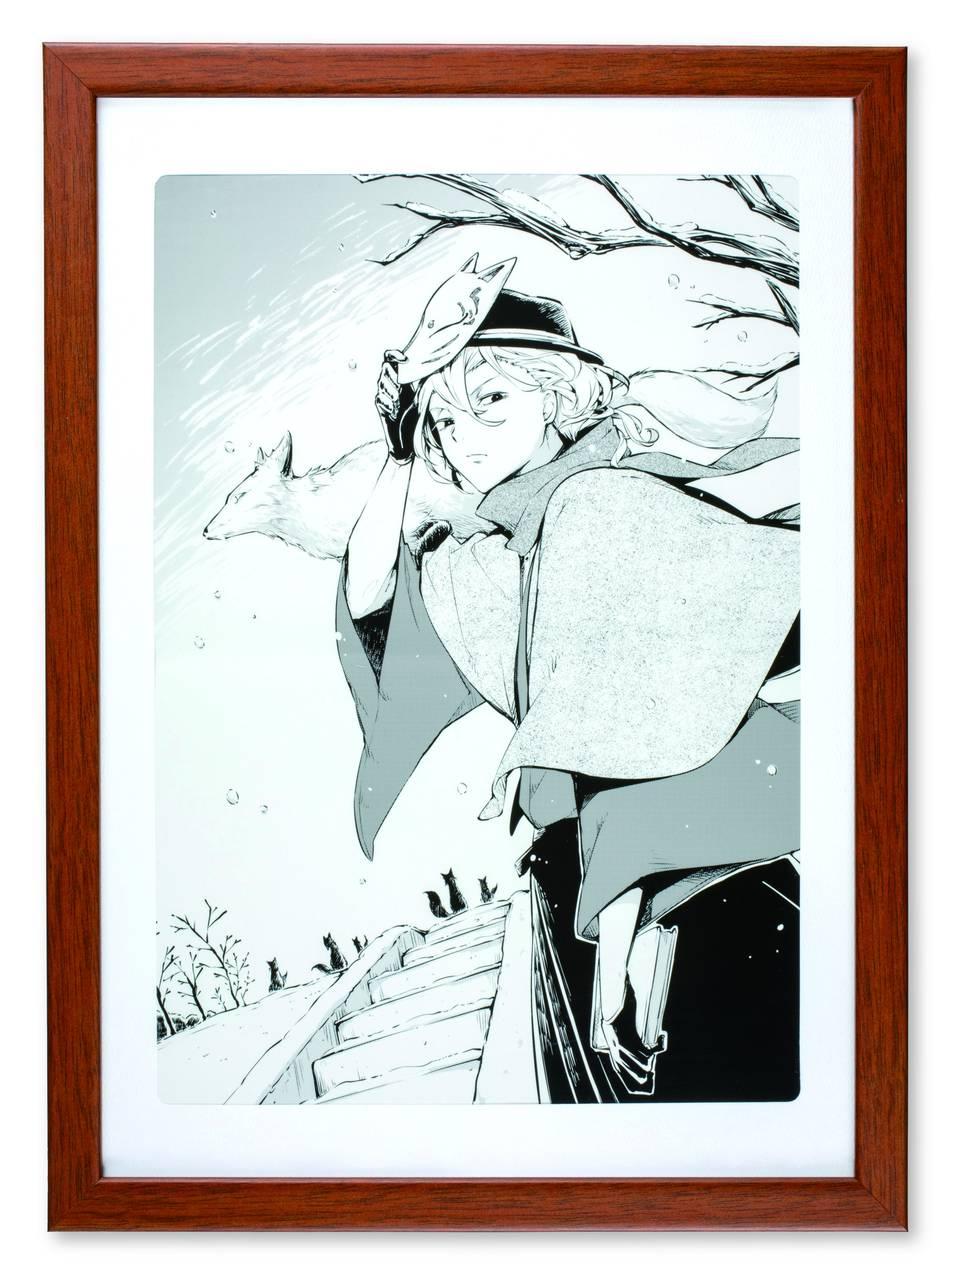 『文豪ストレイドッグス』複製原稿と中也のパーカーを入手 画像1